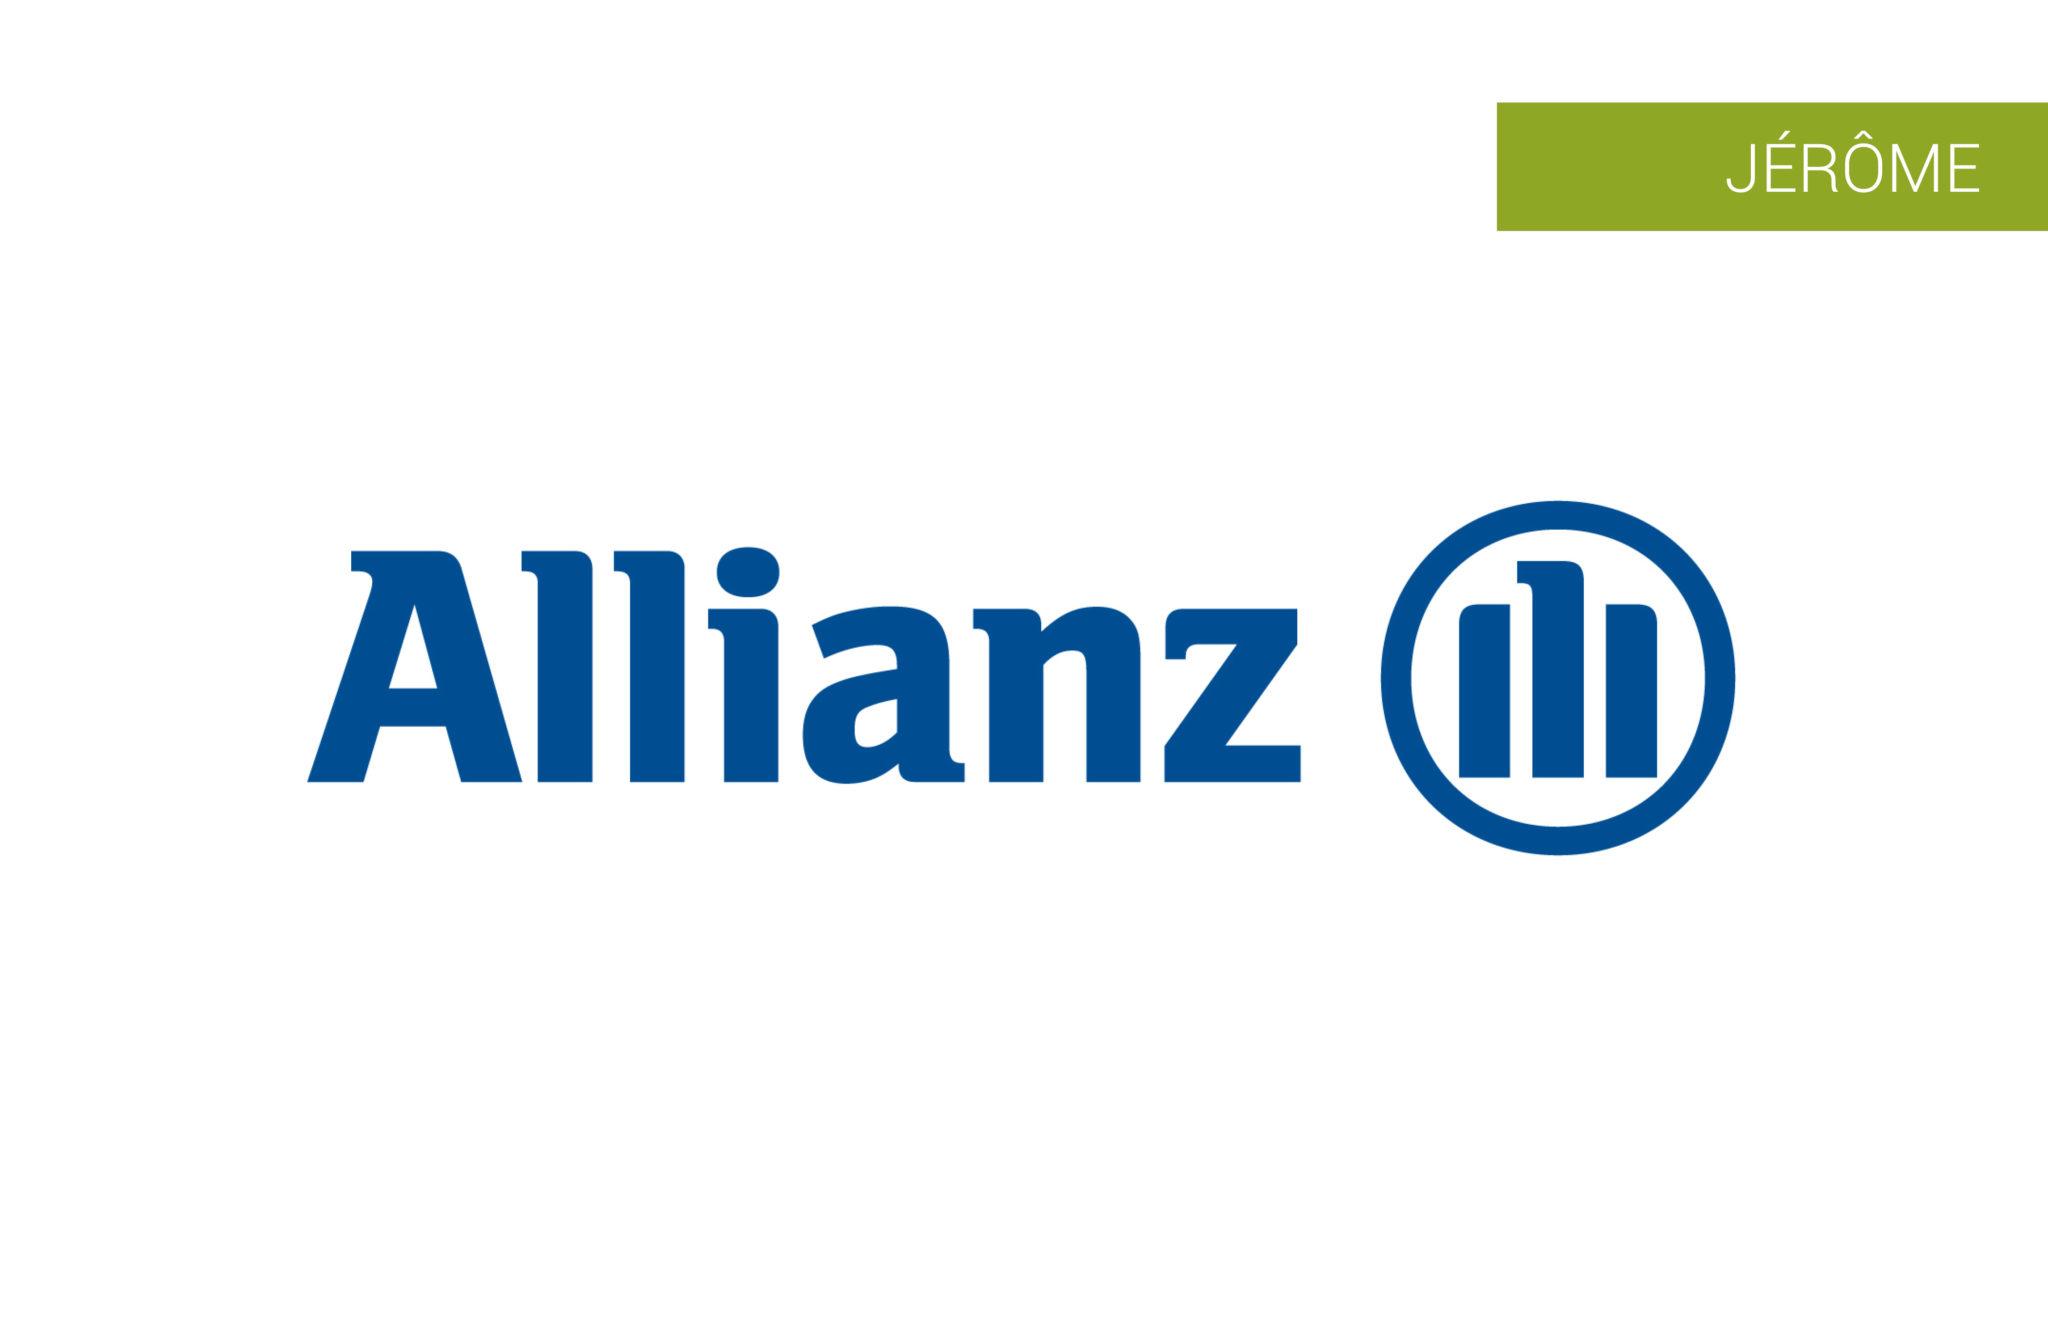 allianz-photo-accueil